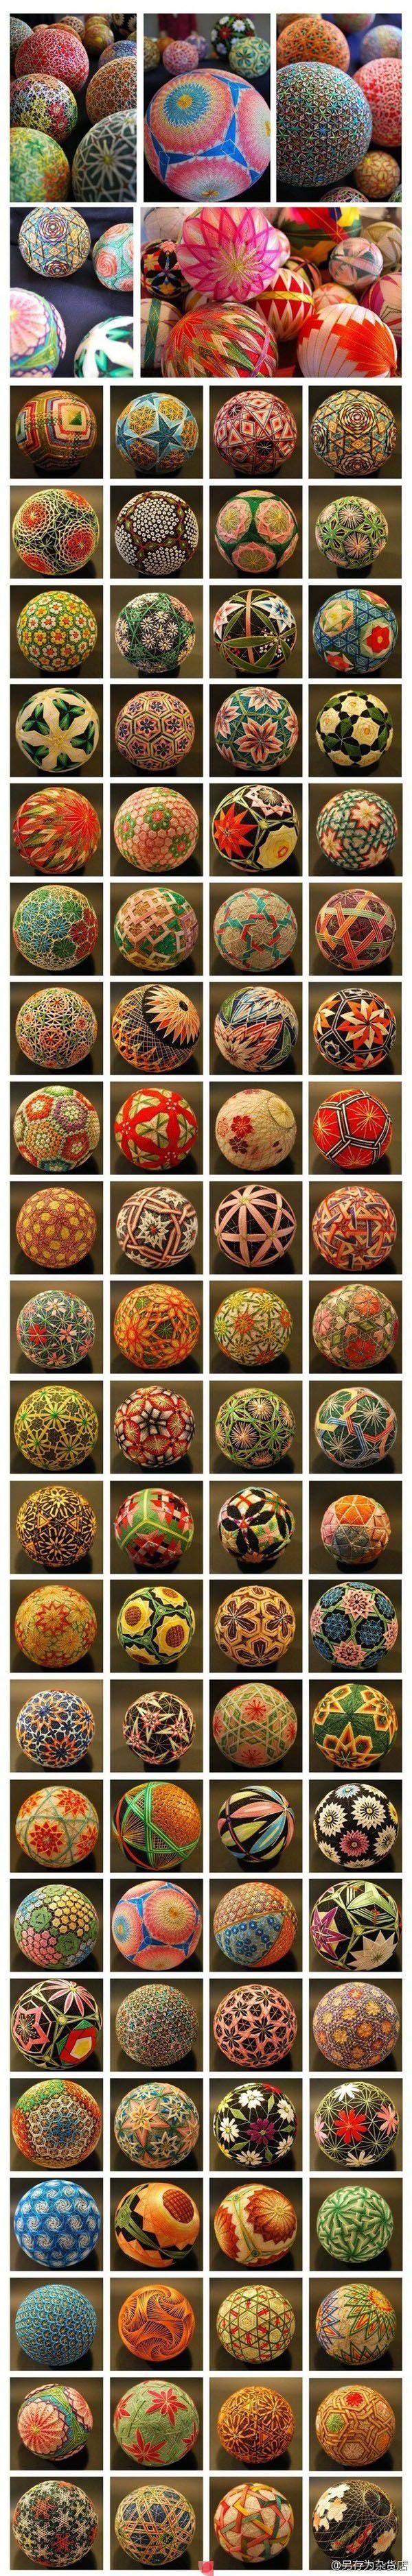 """encore des idées de création, les """" Temari Ball"""", c'est un art décoratif japonais, on peut réaliser une boule en environ 20 minutes avec du matériel simple. Et des tutoriels pour les réaliser: How to Make a Temari Ball (with Pictures) - wikiHow Aussi..."""